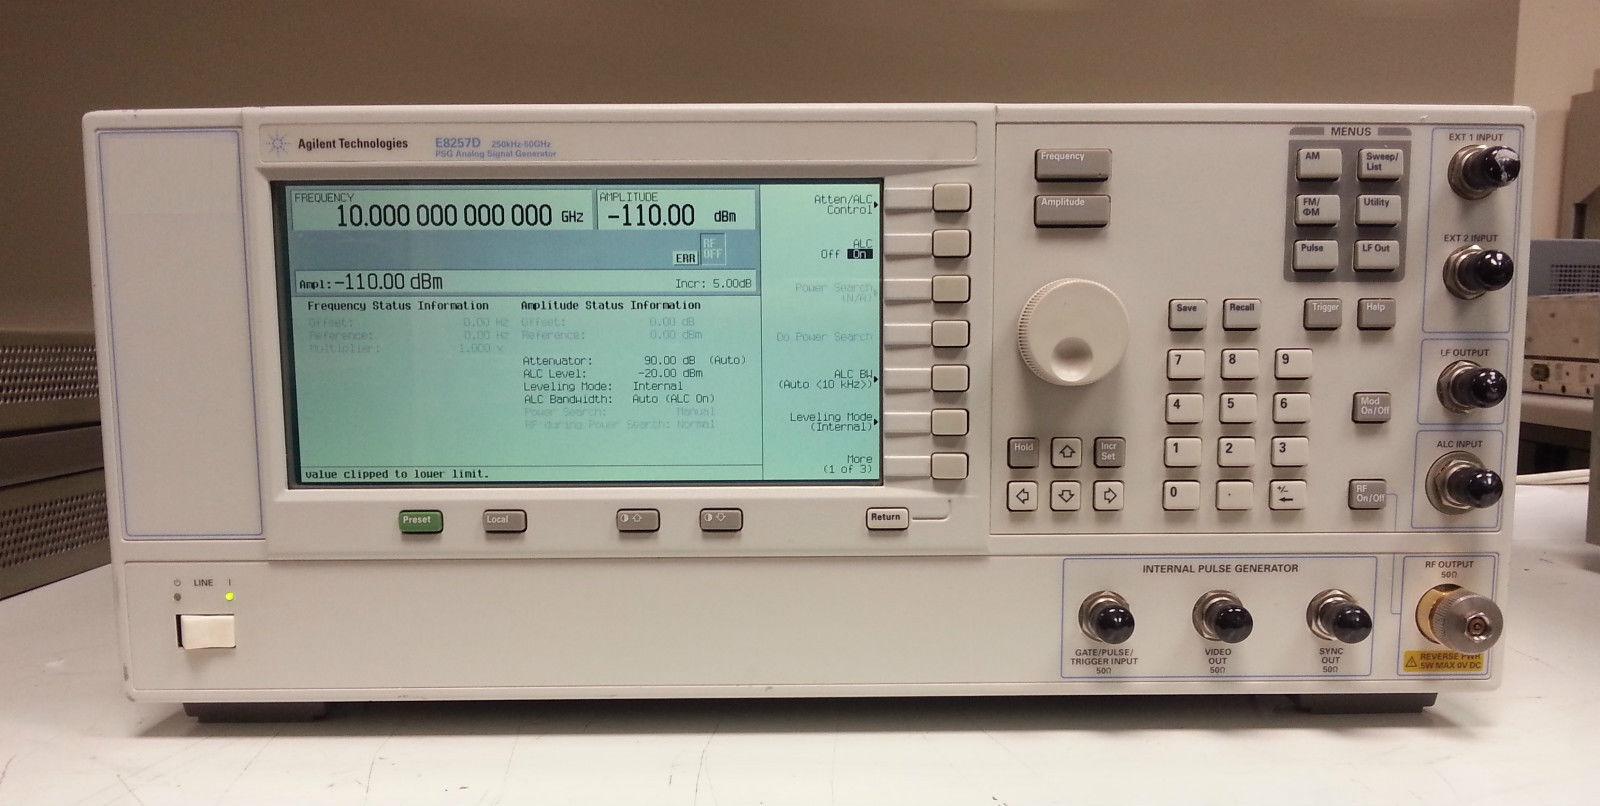 (繁體中文) Agilent/HP E8257D PSG Analogue Signal Generator